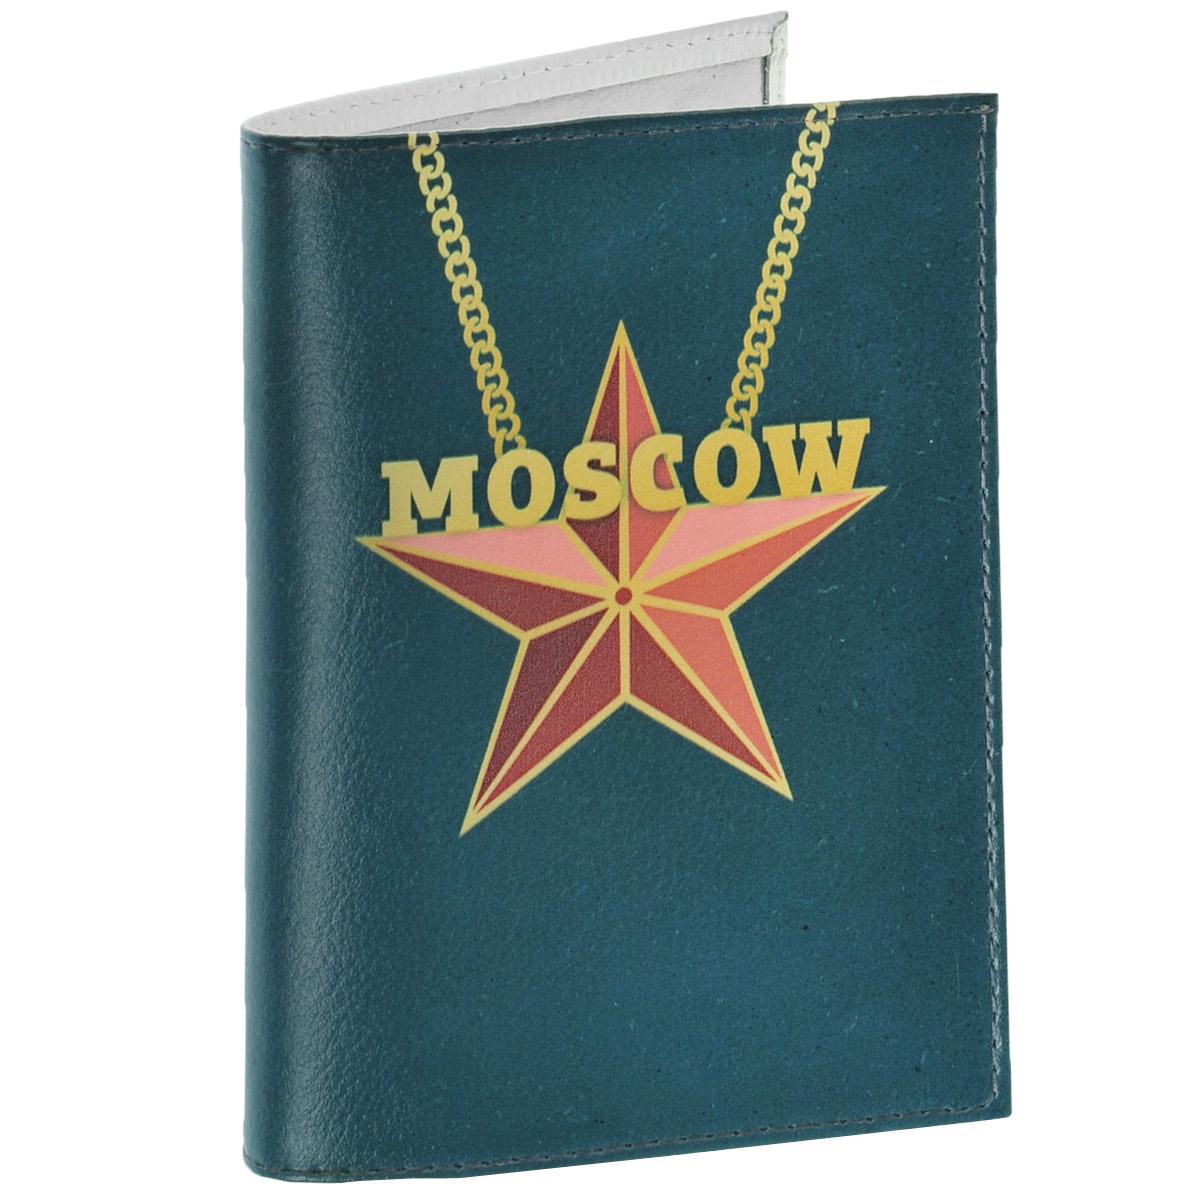 Обложка для паспорта Moscow Star. OK276OK276Обложка для паспорта Mitya Veselkov Moscow Star выполнена из натуральной кожи и оформлена изображением красной пятиконечной звезды, подвешенной на цепочку, и надписью Moscow. Такая обложка не только поможет сохранить внешний вид ваших документов и защитит их от повреждений, но и станет стильным аксессуаром, идеально подходящим вашему образу. Яркая и оригинальная обложка подчеркнет вашу индивидуальность и изысканный вкус. Обложка для паспорта стильного дизайна может быть достойным и оригинальным подарком.